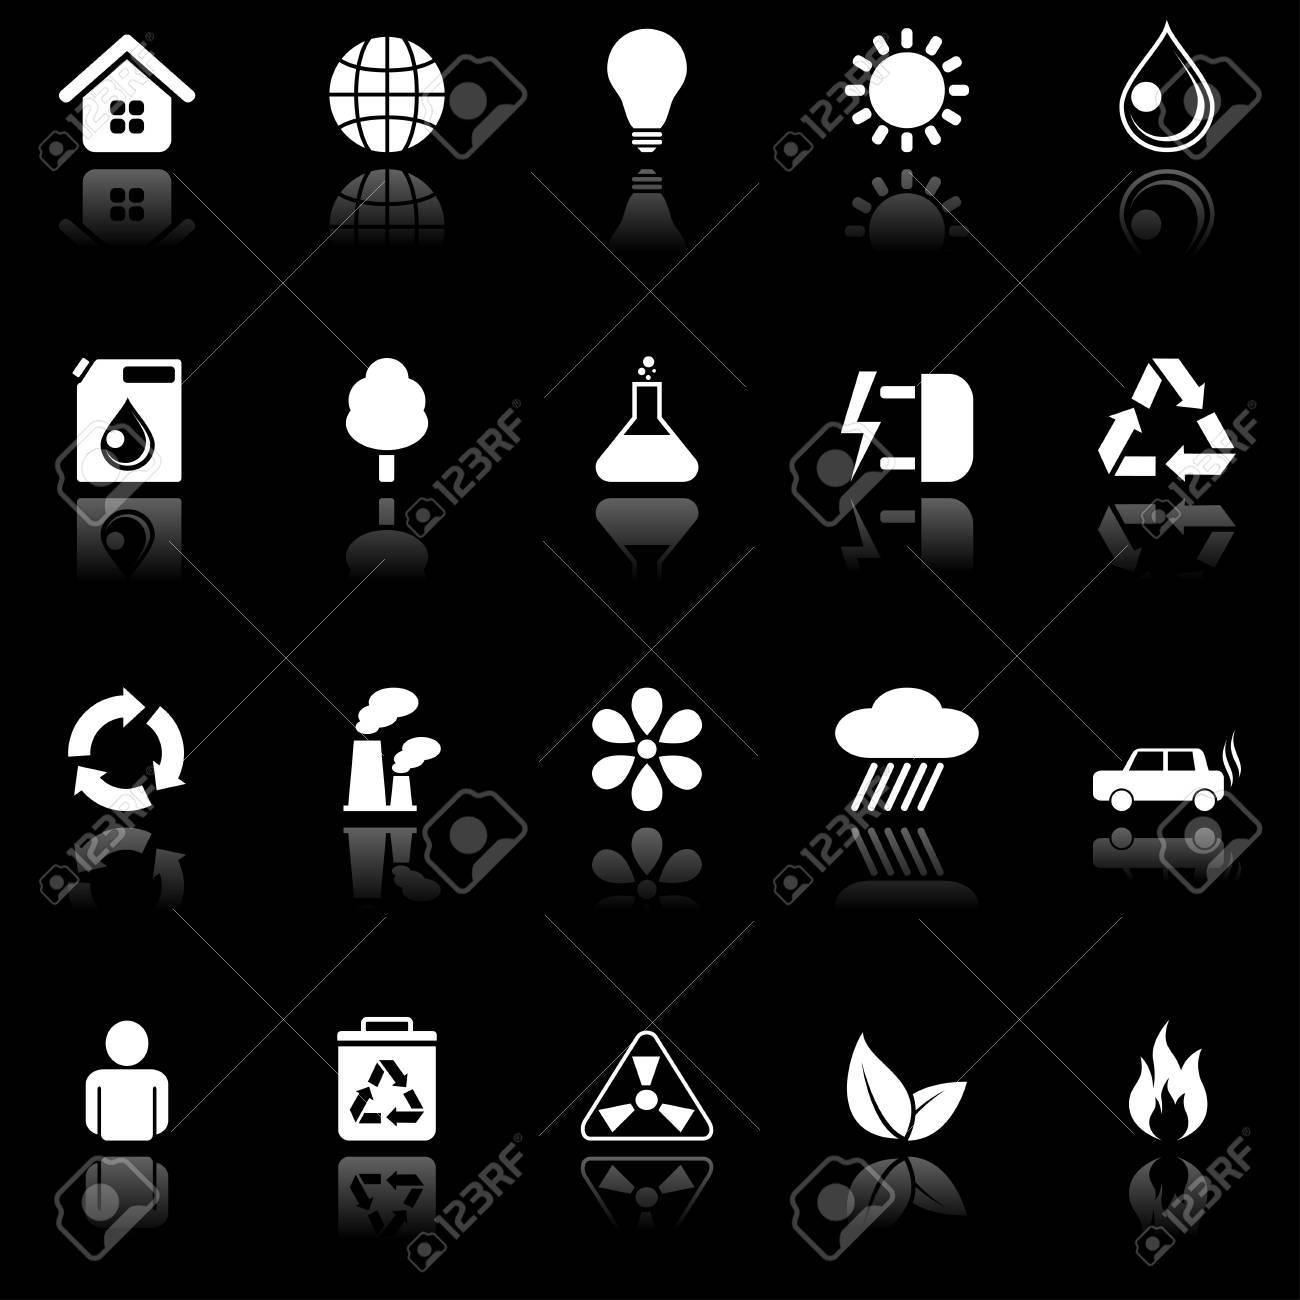 Environmental icons. Stock Vector - 6611556